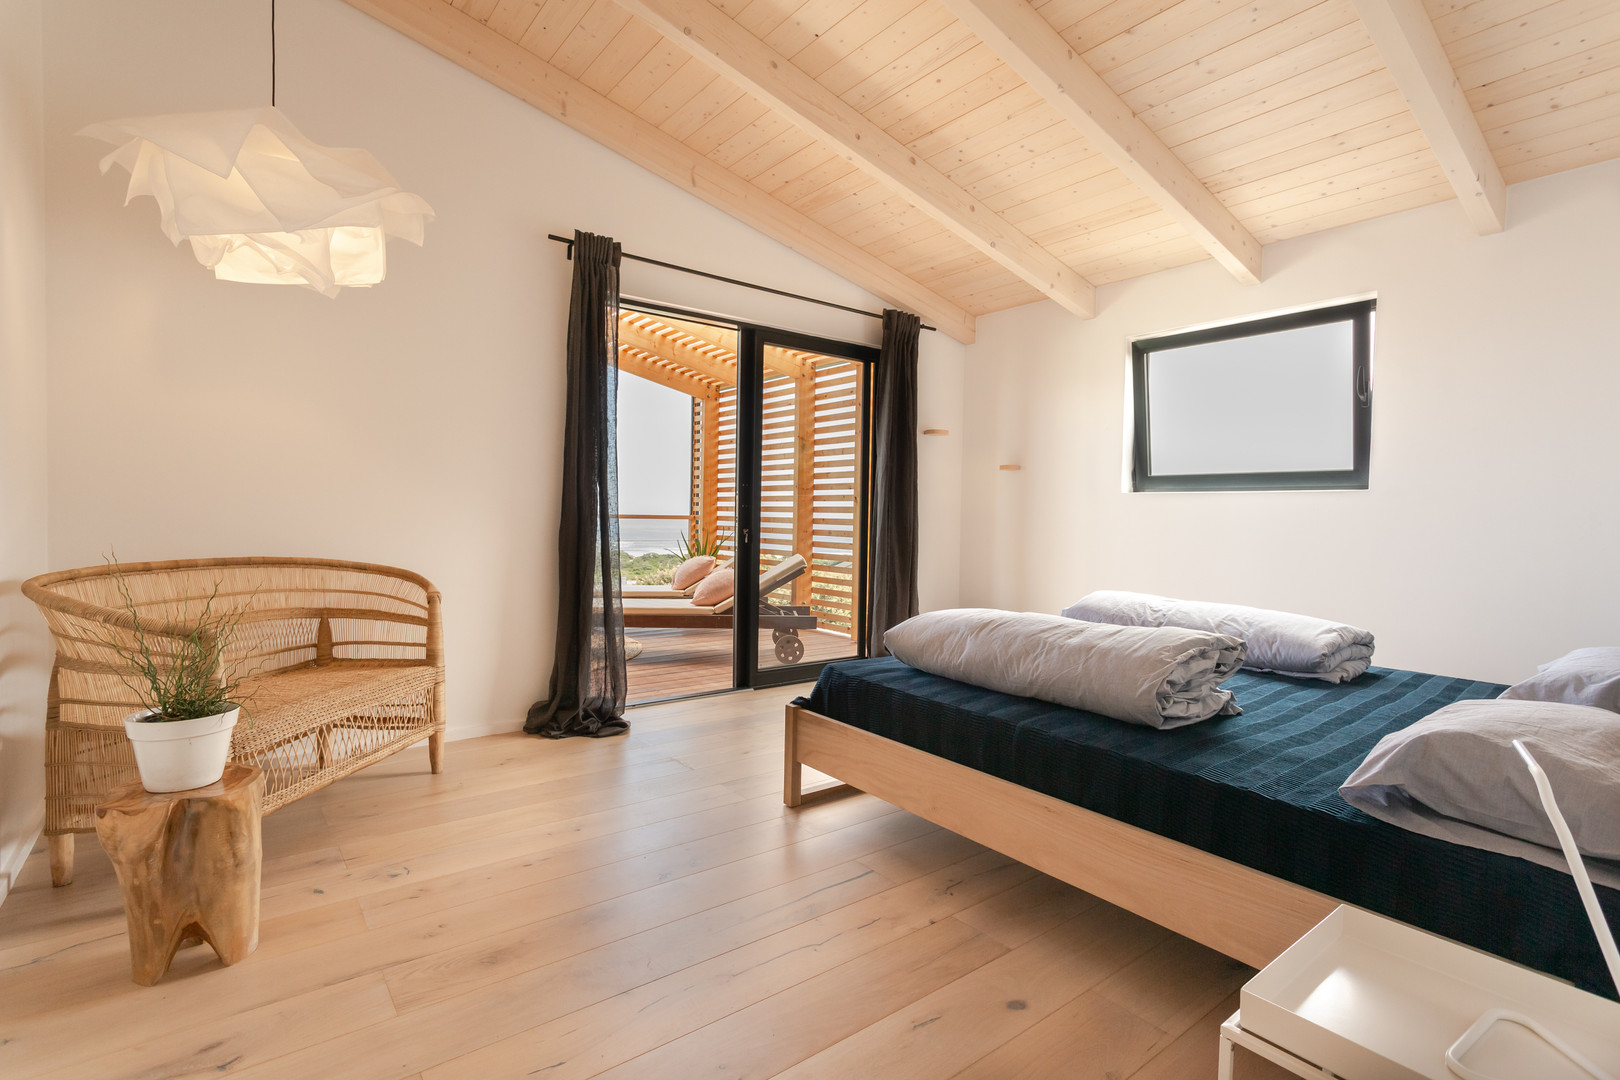 loft appt master bedroom1.JPG